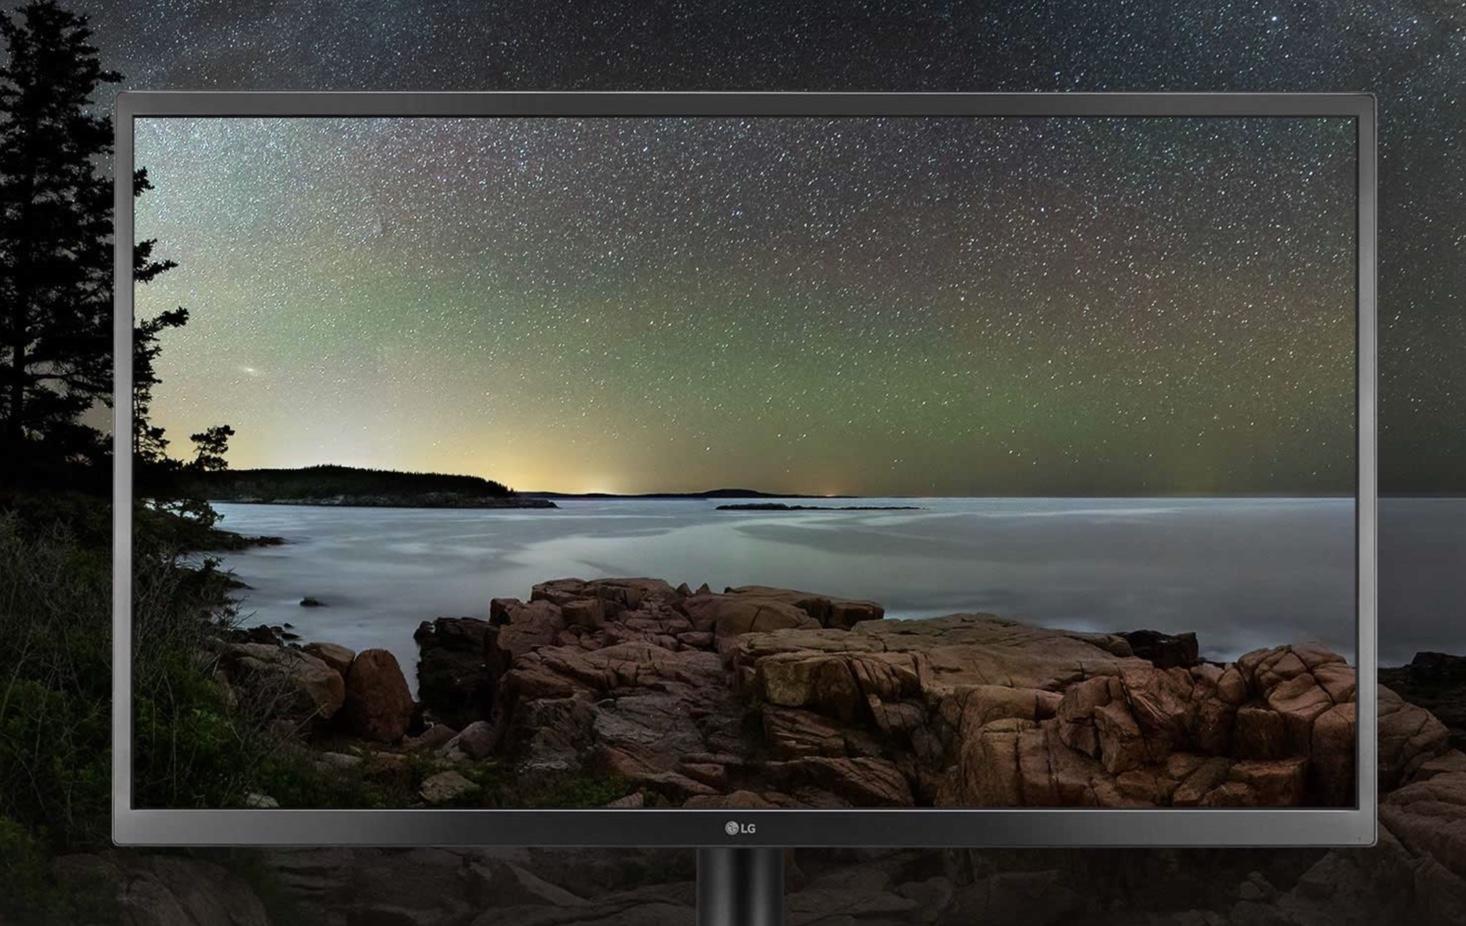 LG、32インチのUltraFine OLEDディスプレイを7月16日に発売か